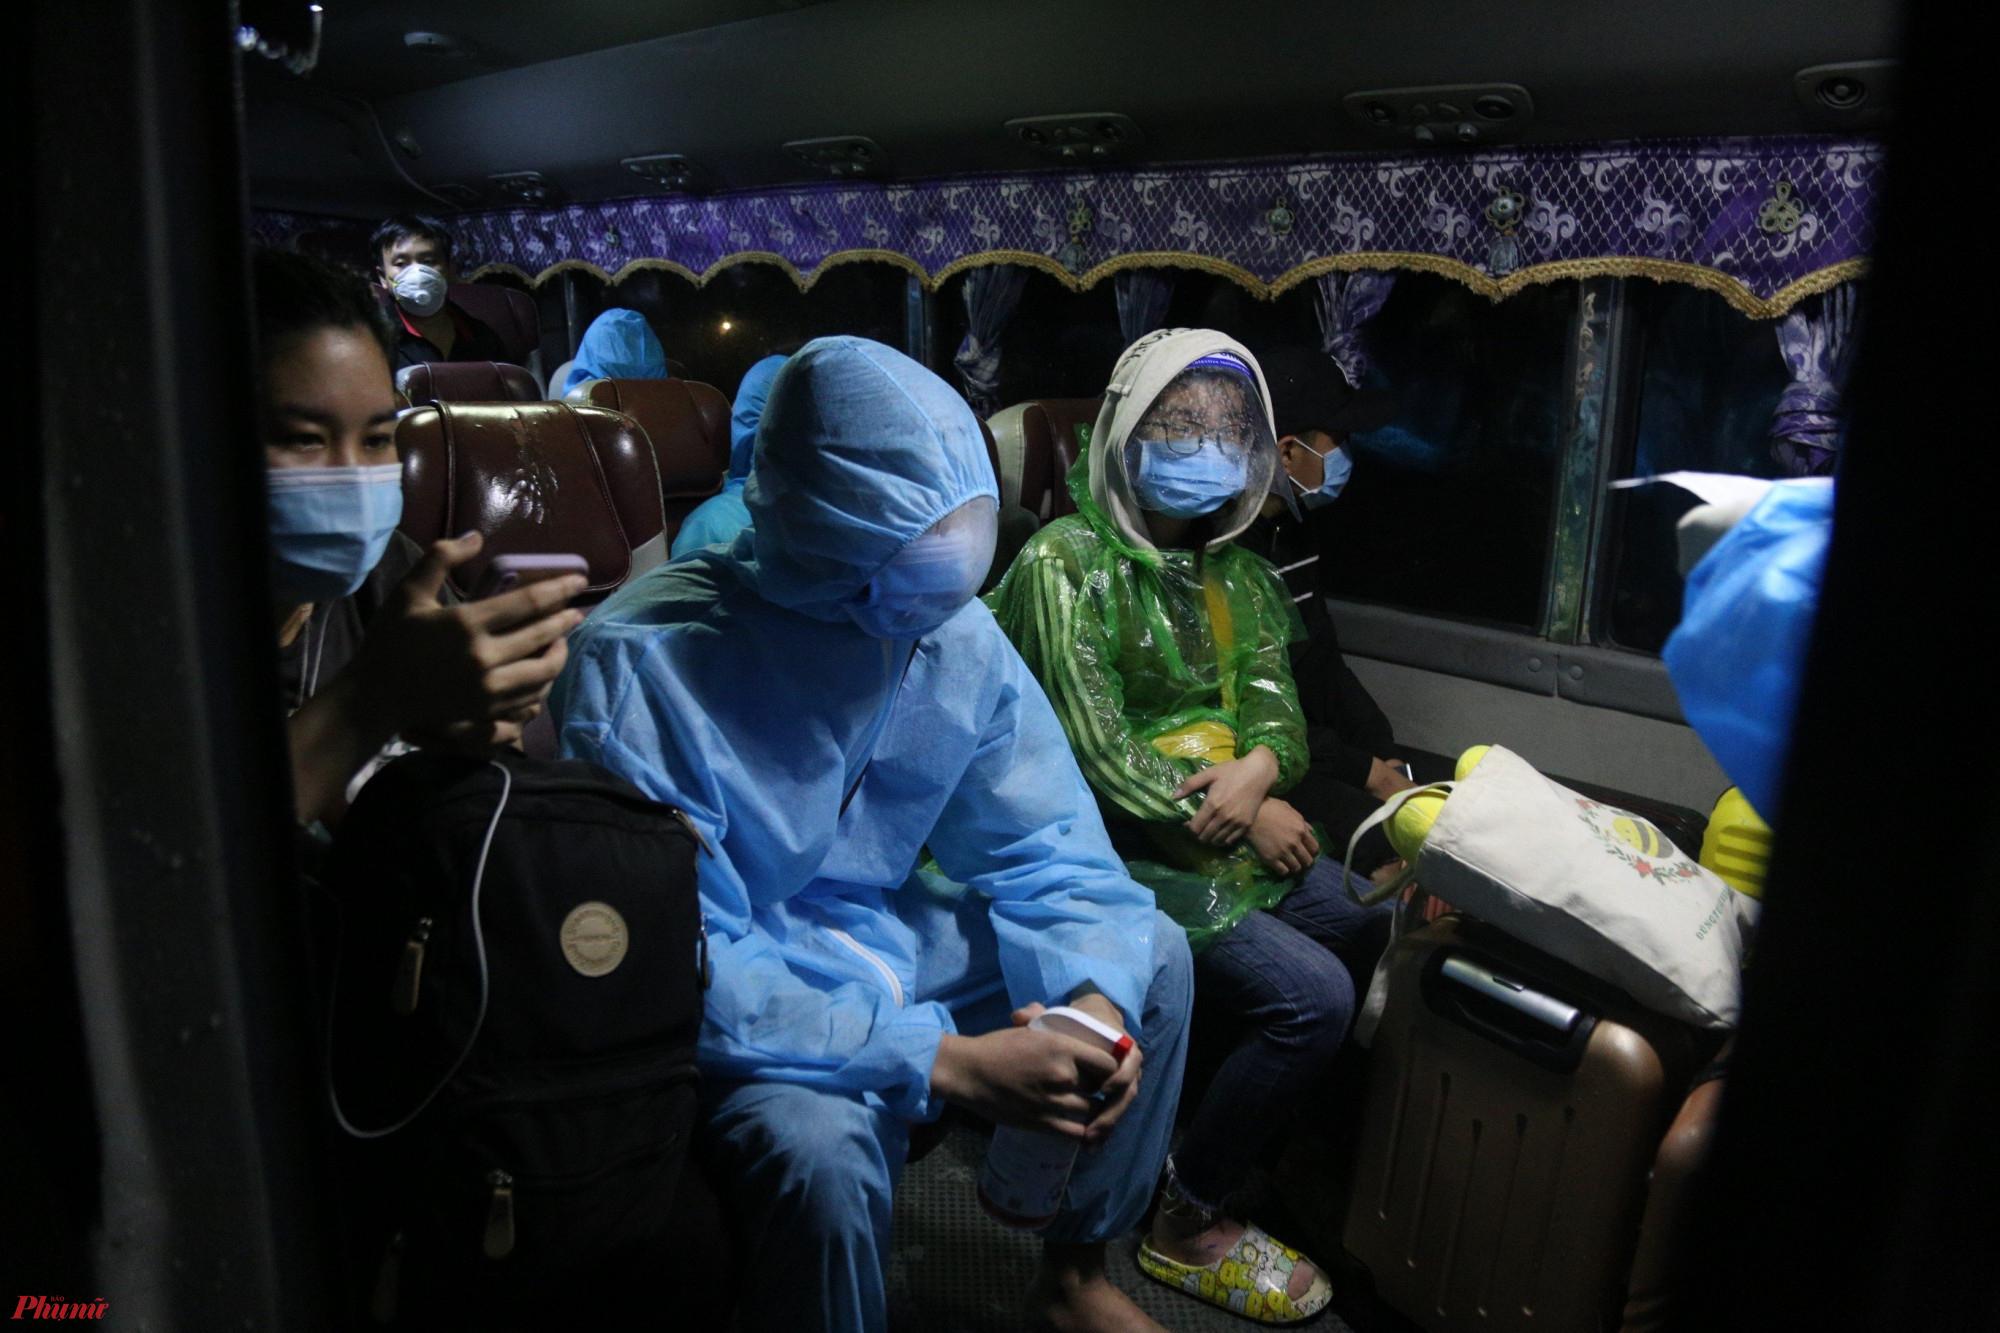 Ông Mai Đức Chính - Trưởng ga Hương Phố cho biết, đơn vị đã phối hợp với các lực lượng chức năng địa phương để đón người dân từ vùng dịch về quê an toàn, đảm bảo quy định phòng dịch bệnh.